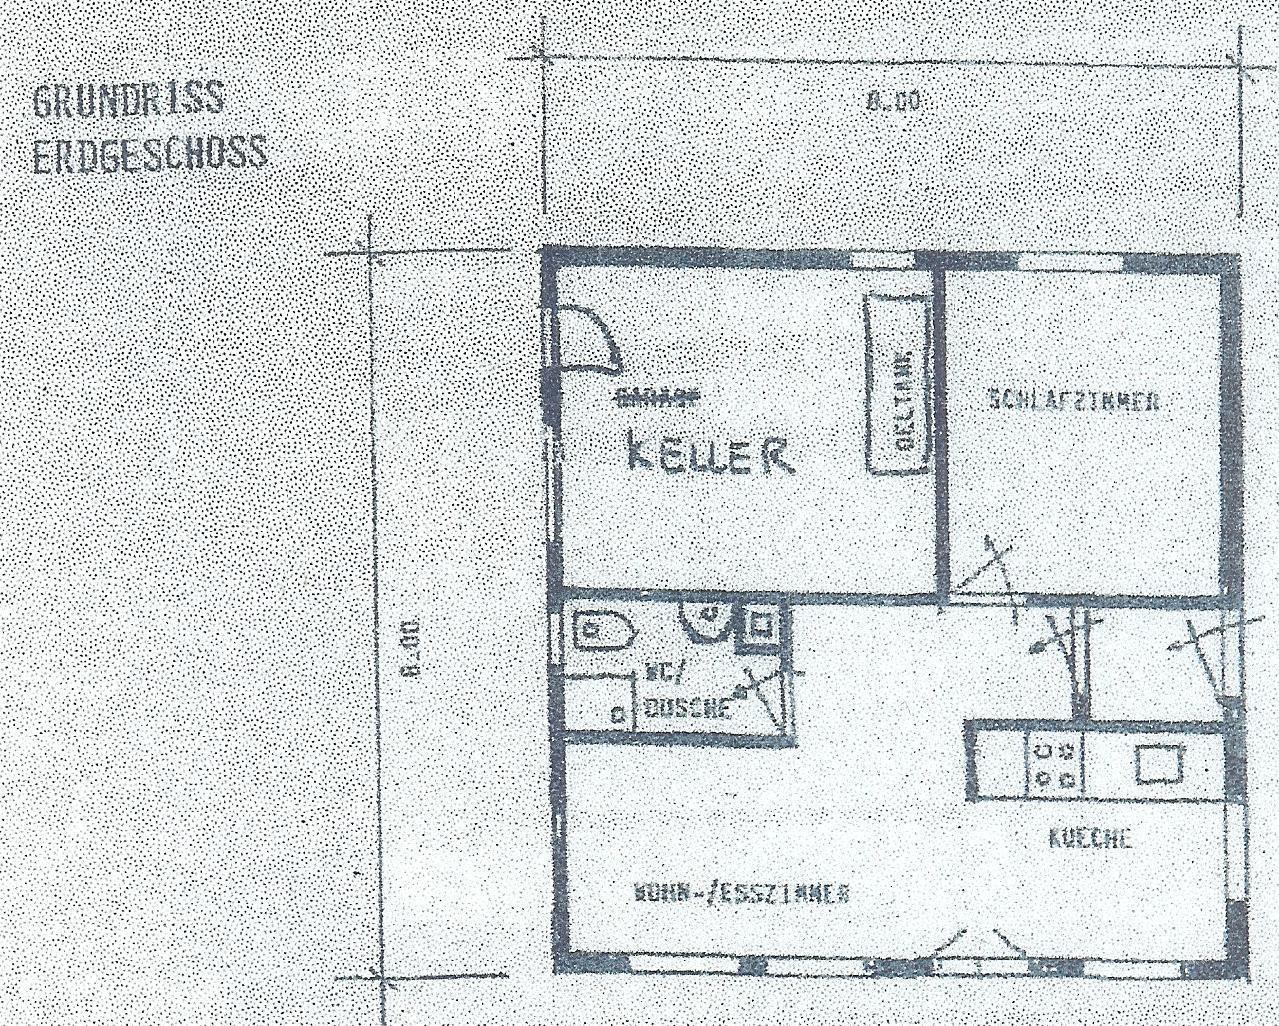 Appartement de vacances Chalet Stefanino, 2 1/2 Zimmer (488625), Bellwald, Aletsch - Conches, Valais, Suisse, image 24